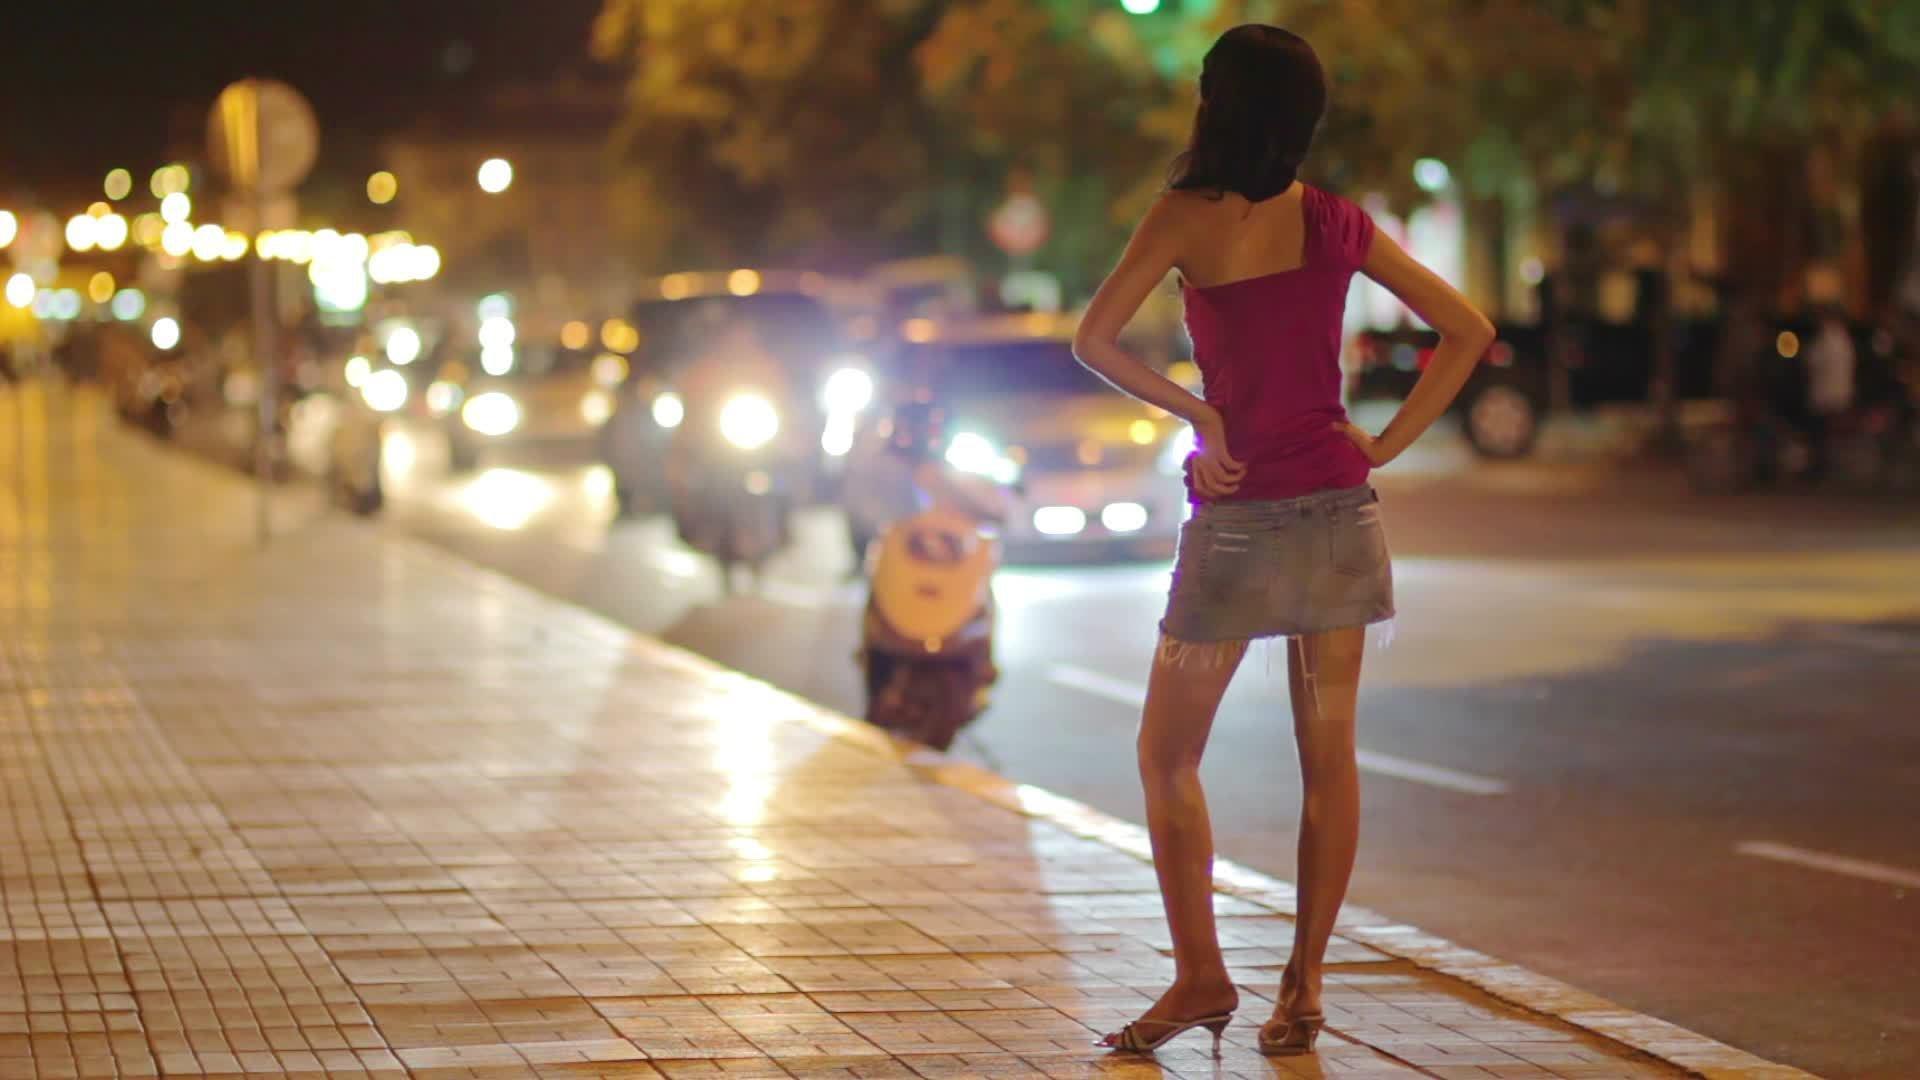 Уполномоченные прав секс-работниц Российской Федерации обратились кПутину